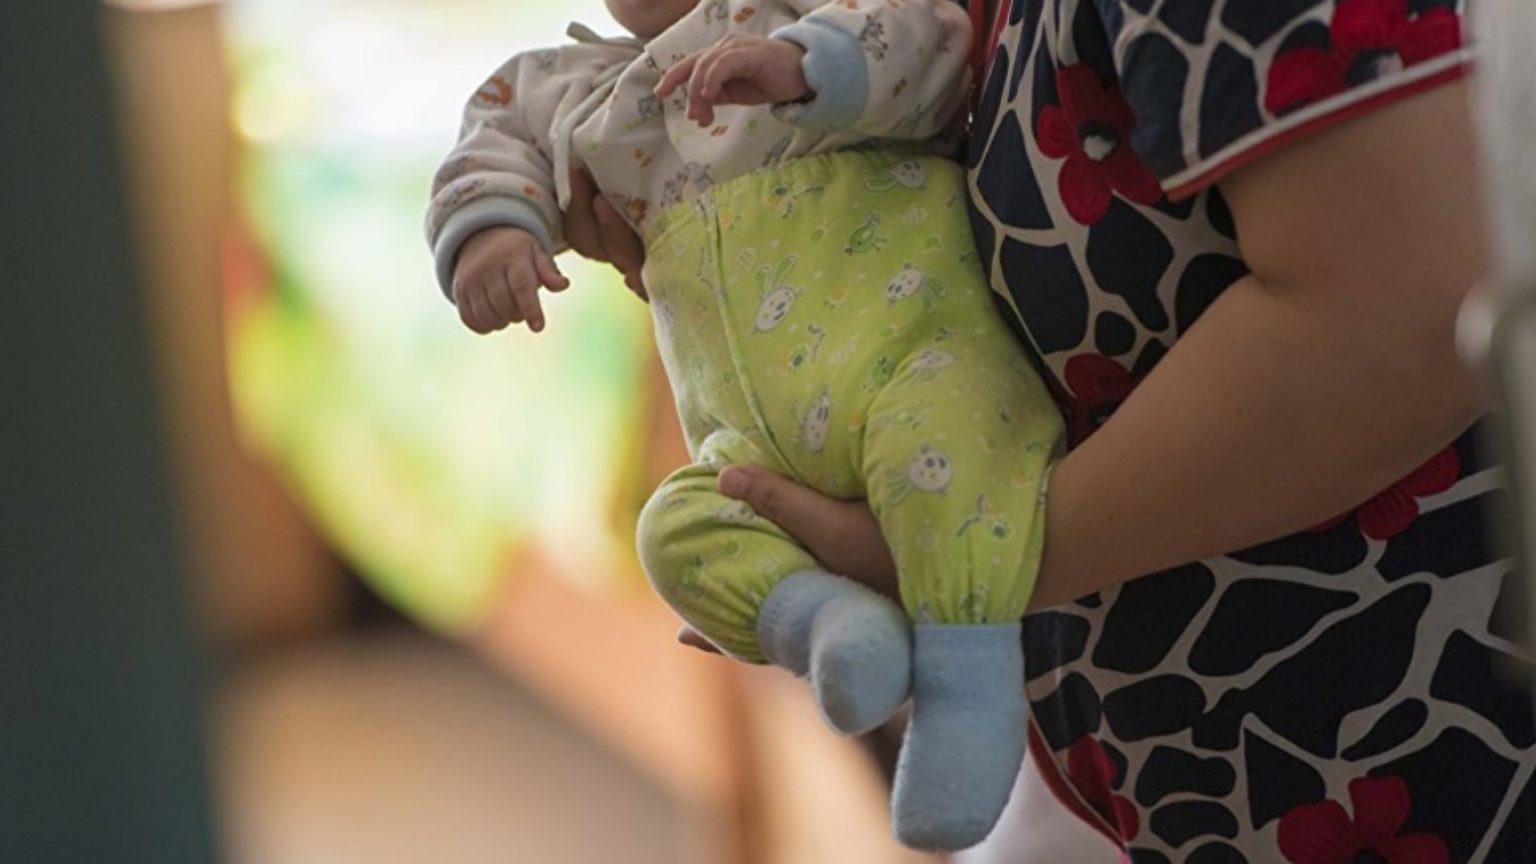 ВДагестане женщина продала новорожденного за800 тысяч рублей!